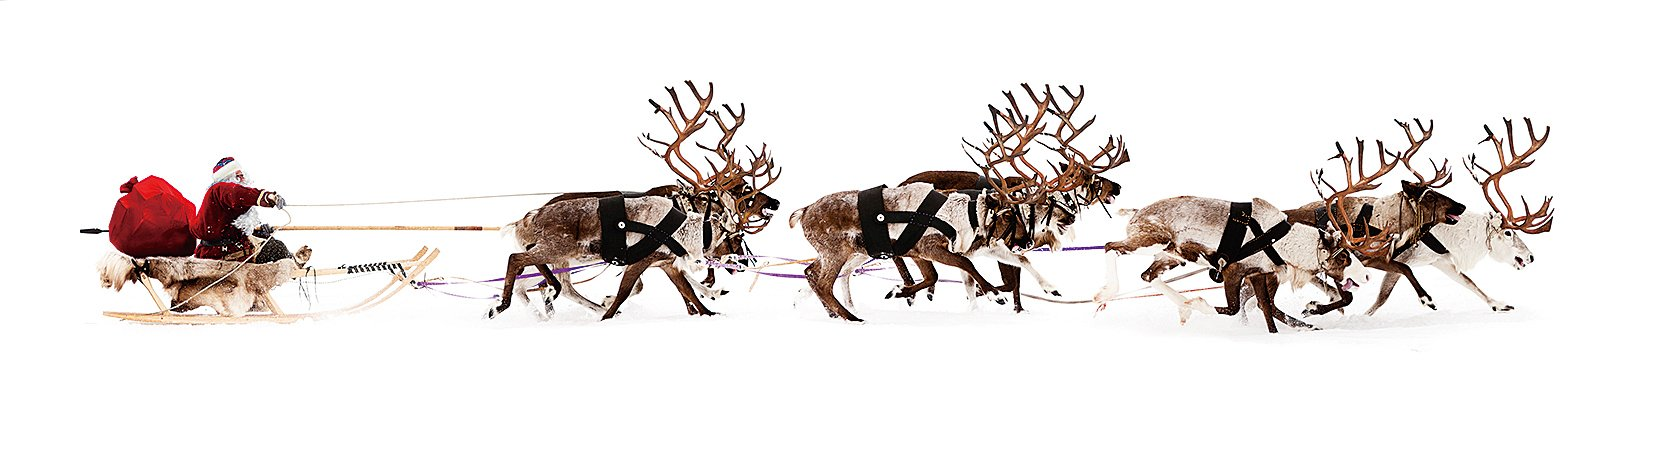 最早的基督教慶祝聖誕時,並沒有聖誕老人。那時穿著紅斗篷,駕著雪橇來村莊裏探望孩子們的白鬚老者是聖尼古拉(聖尼古拉斯),他是保護孩子們的聖人(Fotolia)